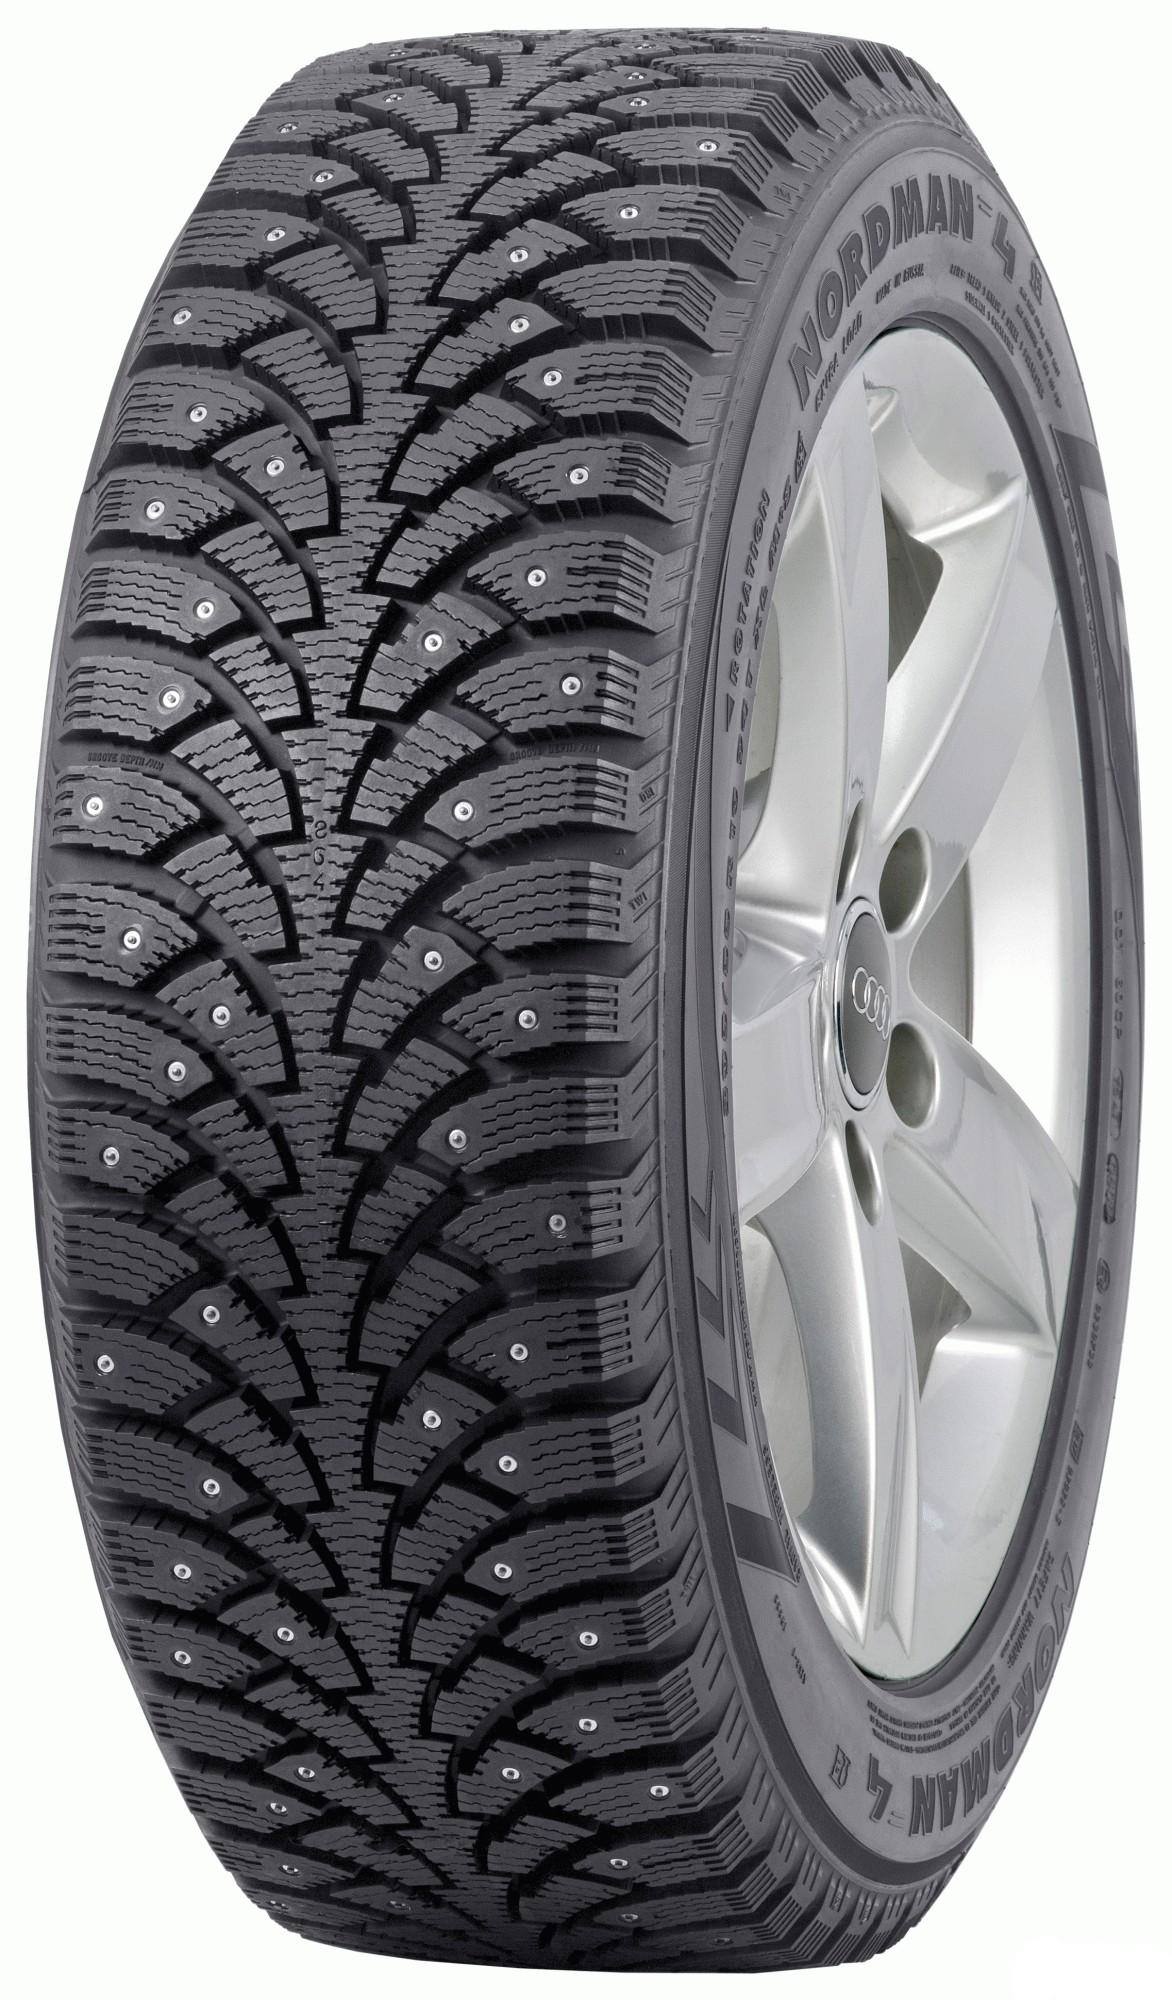 Спб колесо сколько стоит зимние шины шины купить бу спб